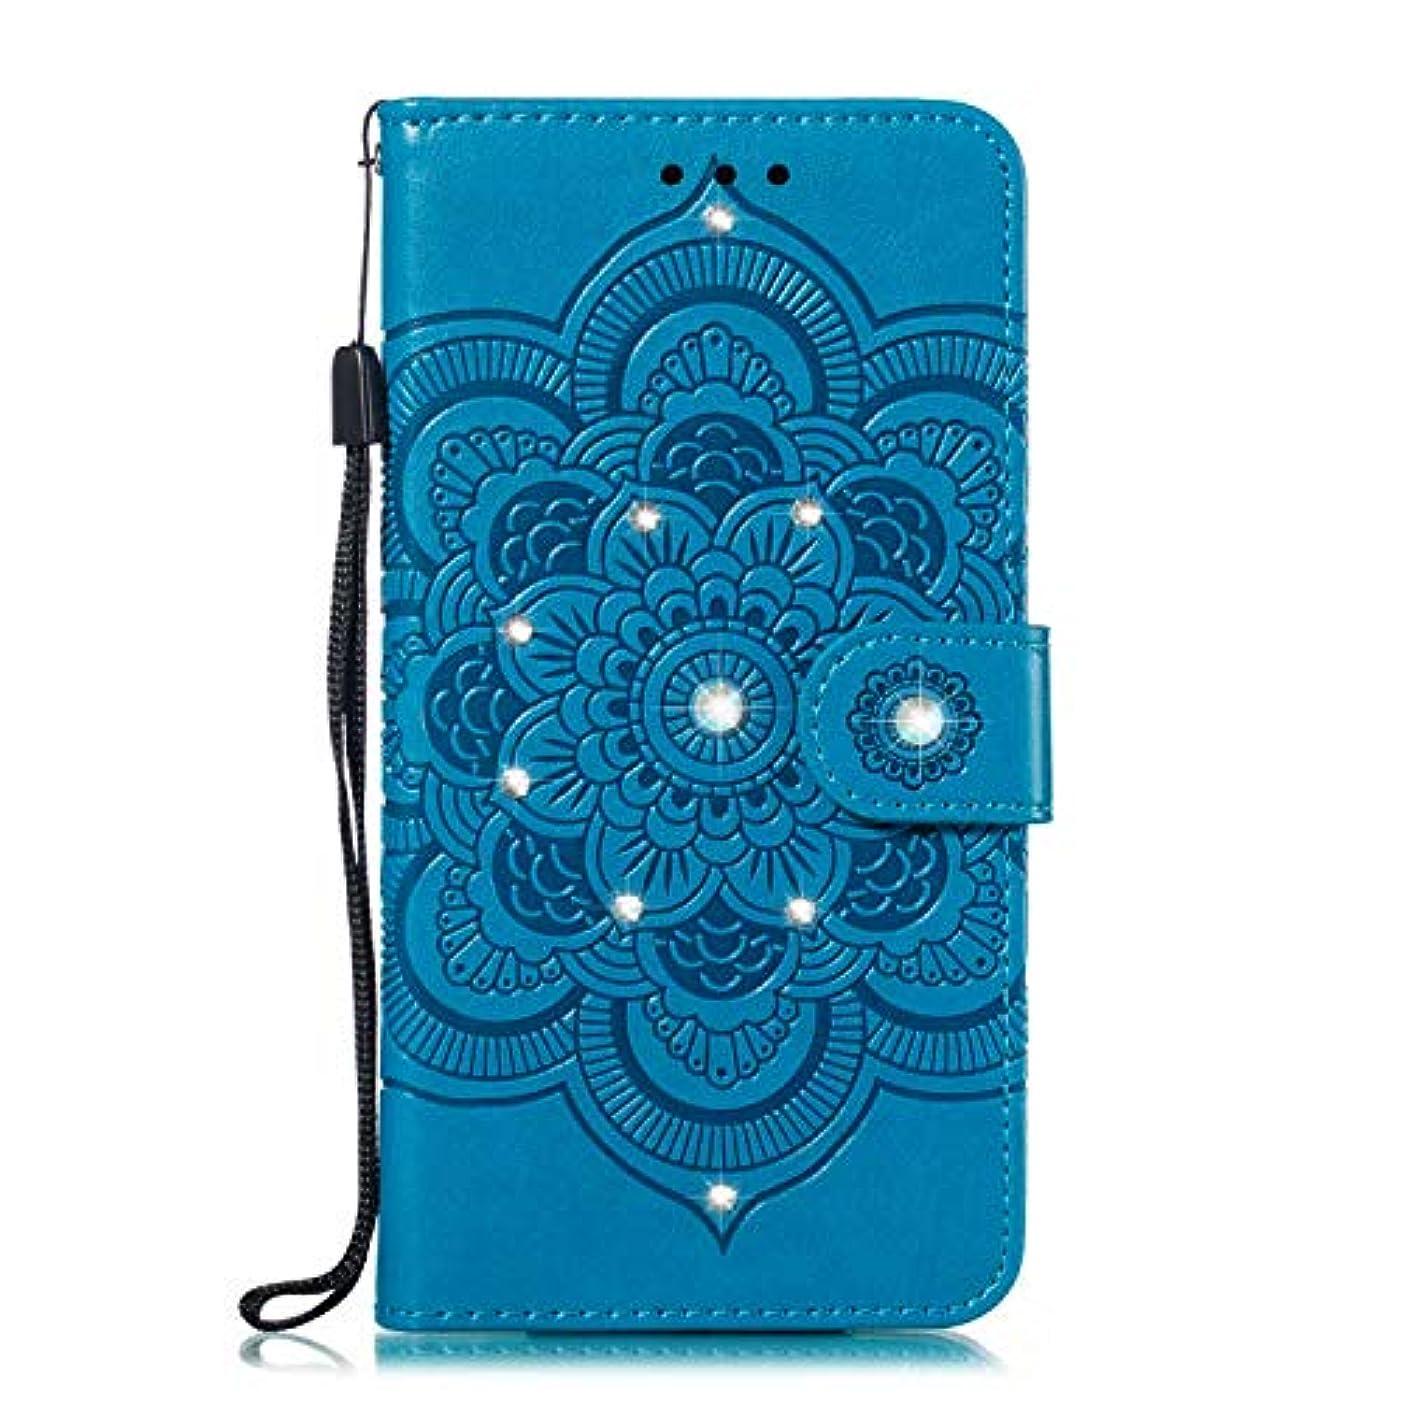 臭い仲介者療法CUNUS 高品質 合皮レザー ケース Huawei Honor 10i 用, 防塵 ケース, 軽量 スタンド機能 耐汚れ カード収納 カバー, ブルー